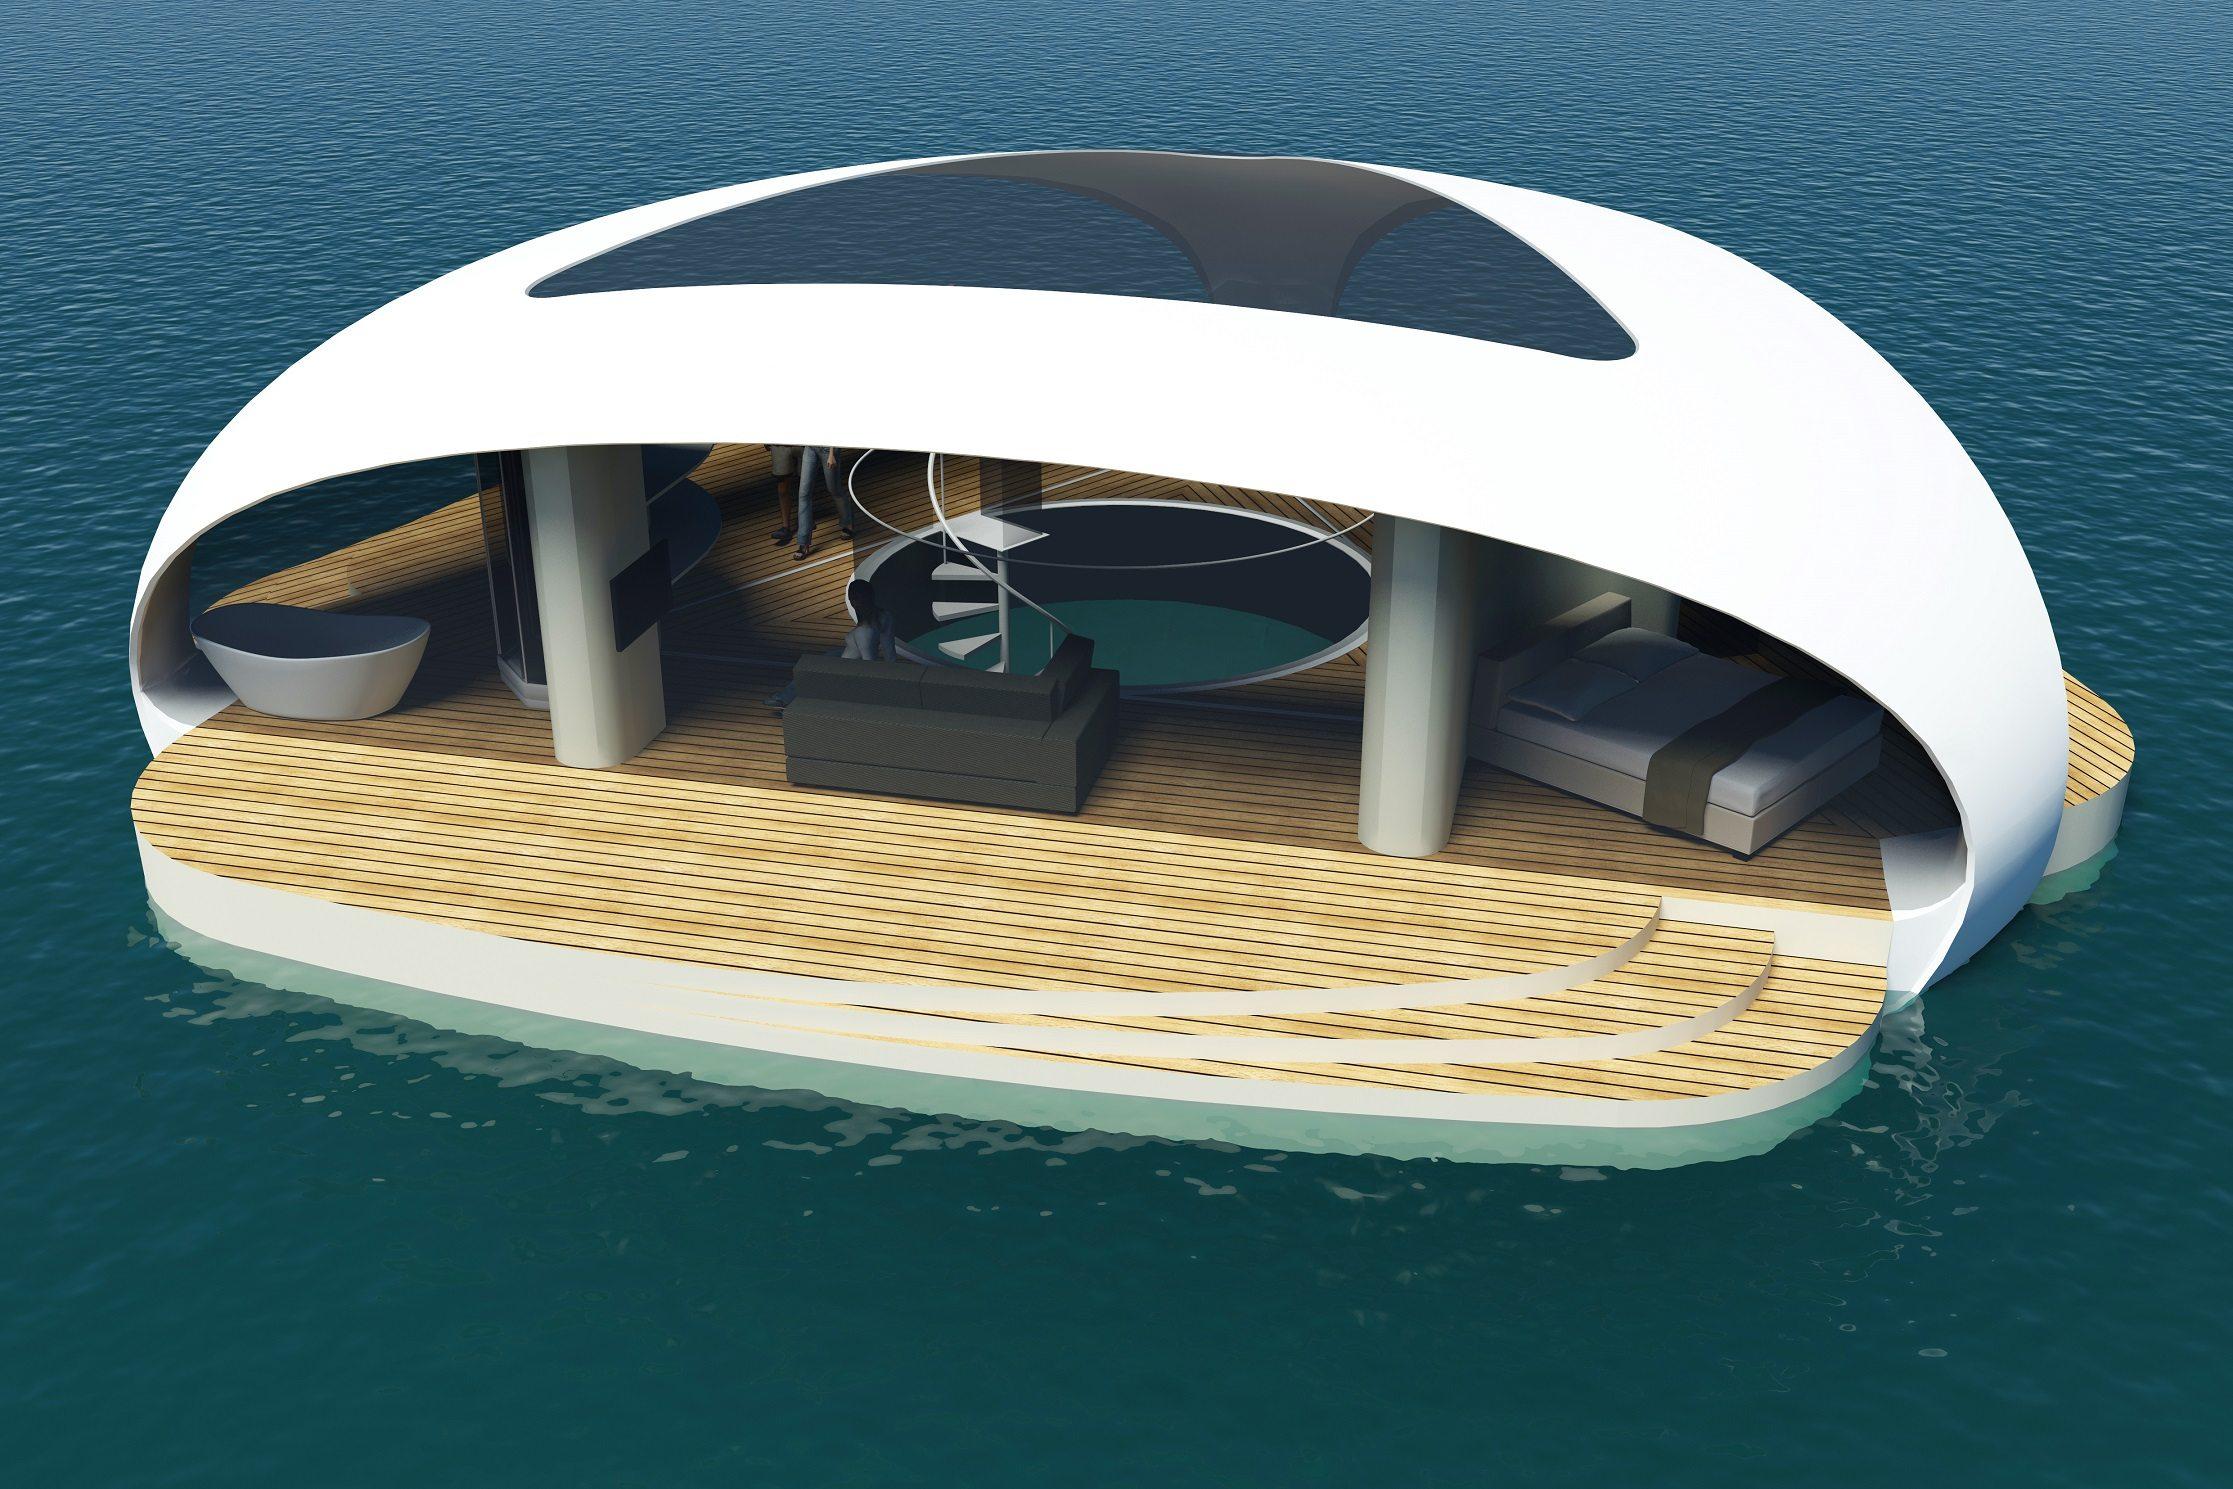 SeaScape se trata de una villa triangular con un pontón de aluminio y techo de fibra de vidrio. Foto: BMT Asia Pacific.